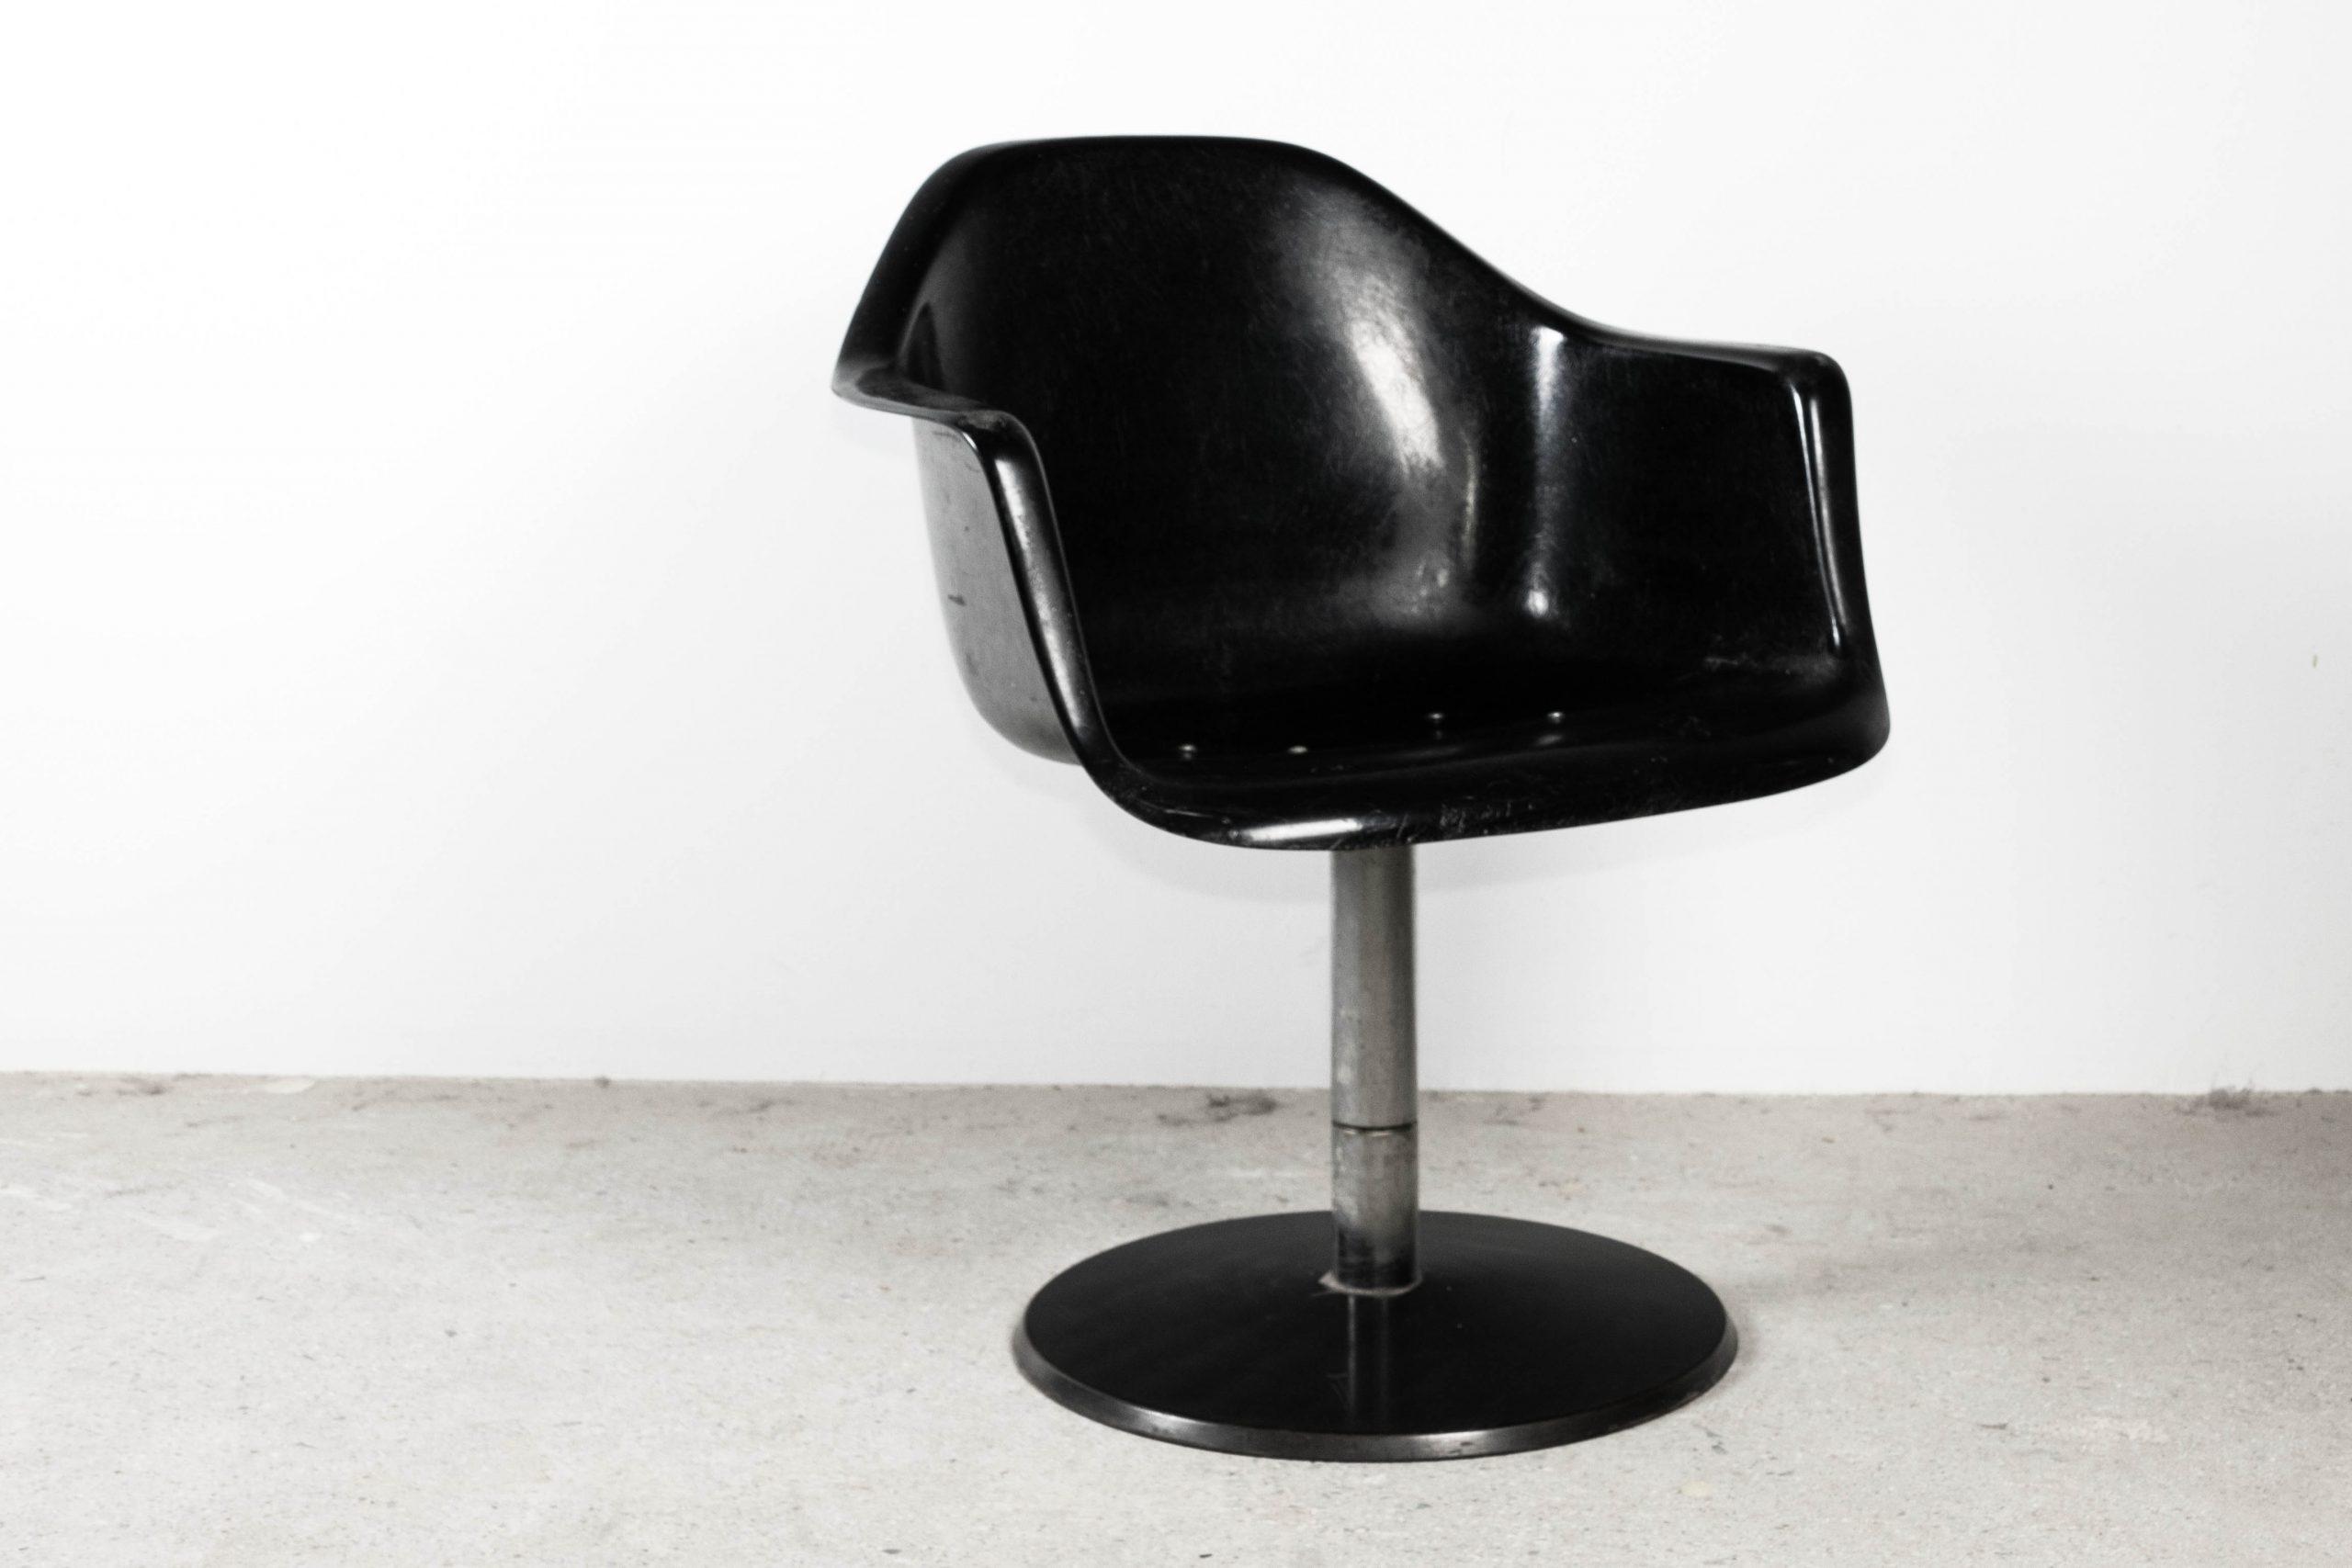 silla eames ray charles fiberglass de diseño pie de acero hierro giratorio de reunion de oficina